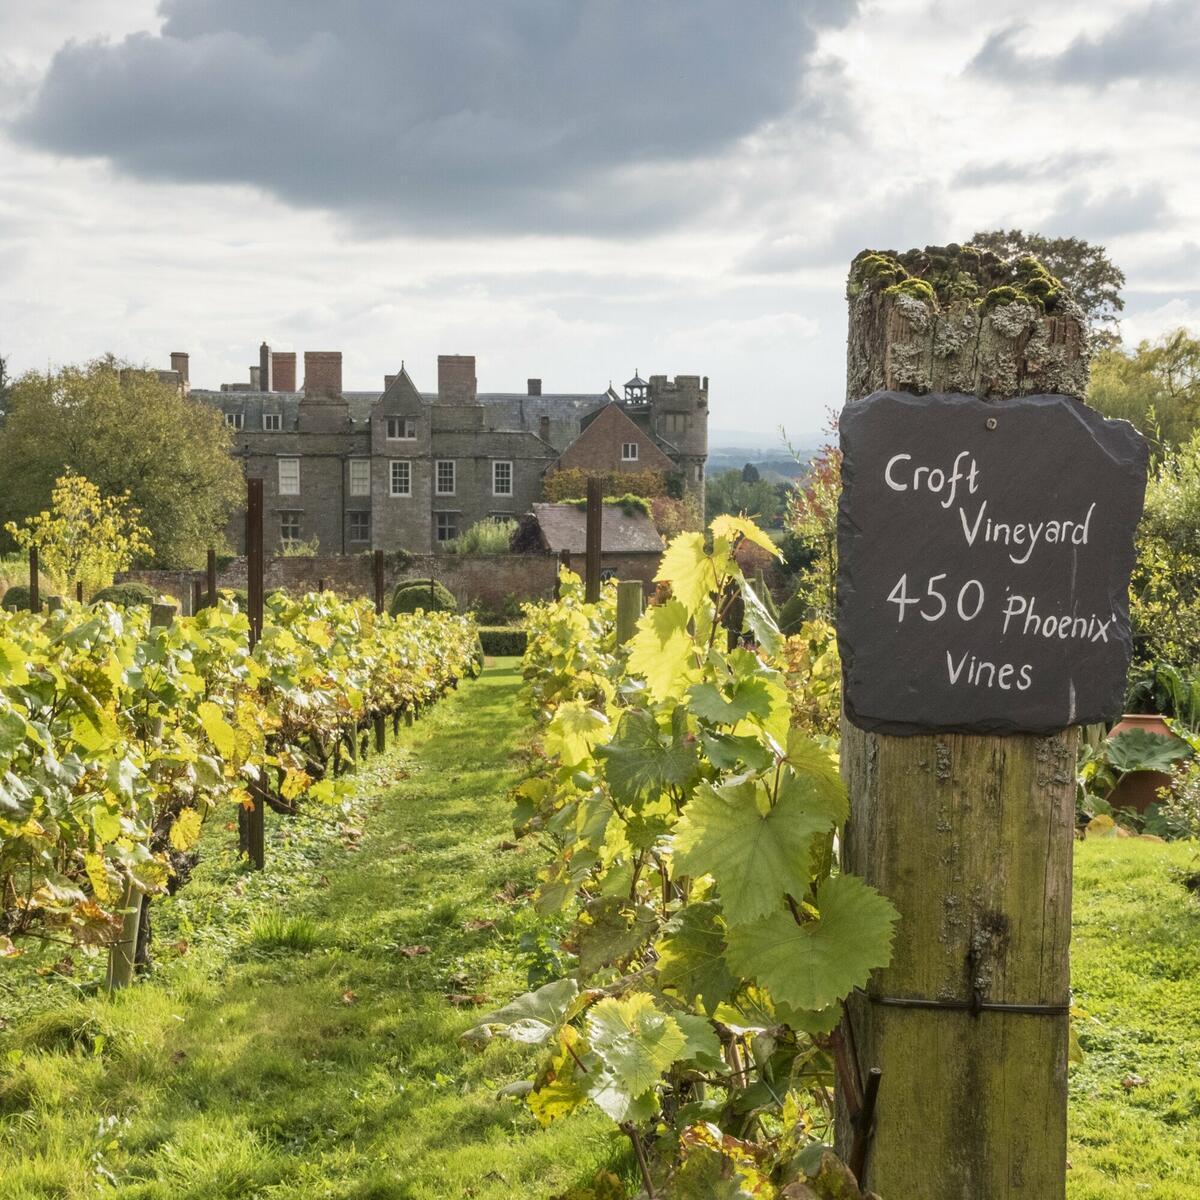 The vineyard at Croft